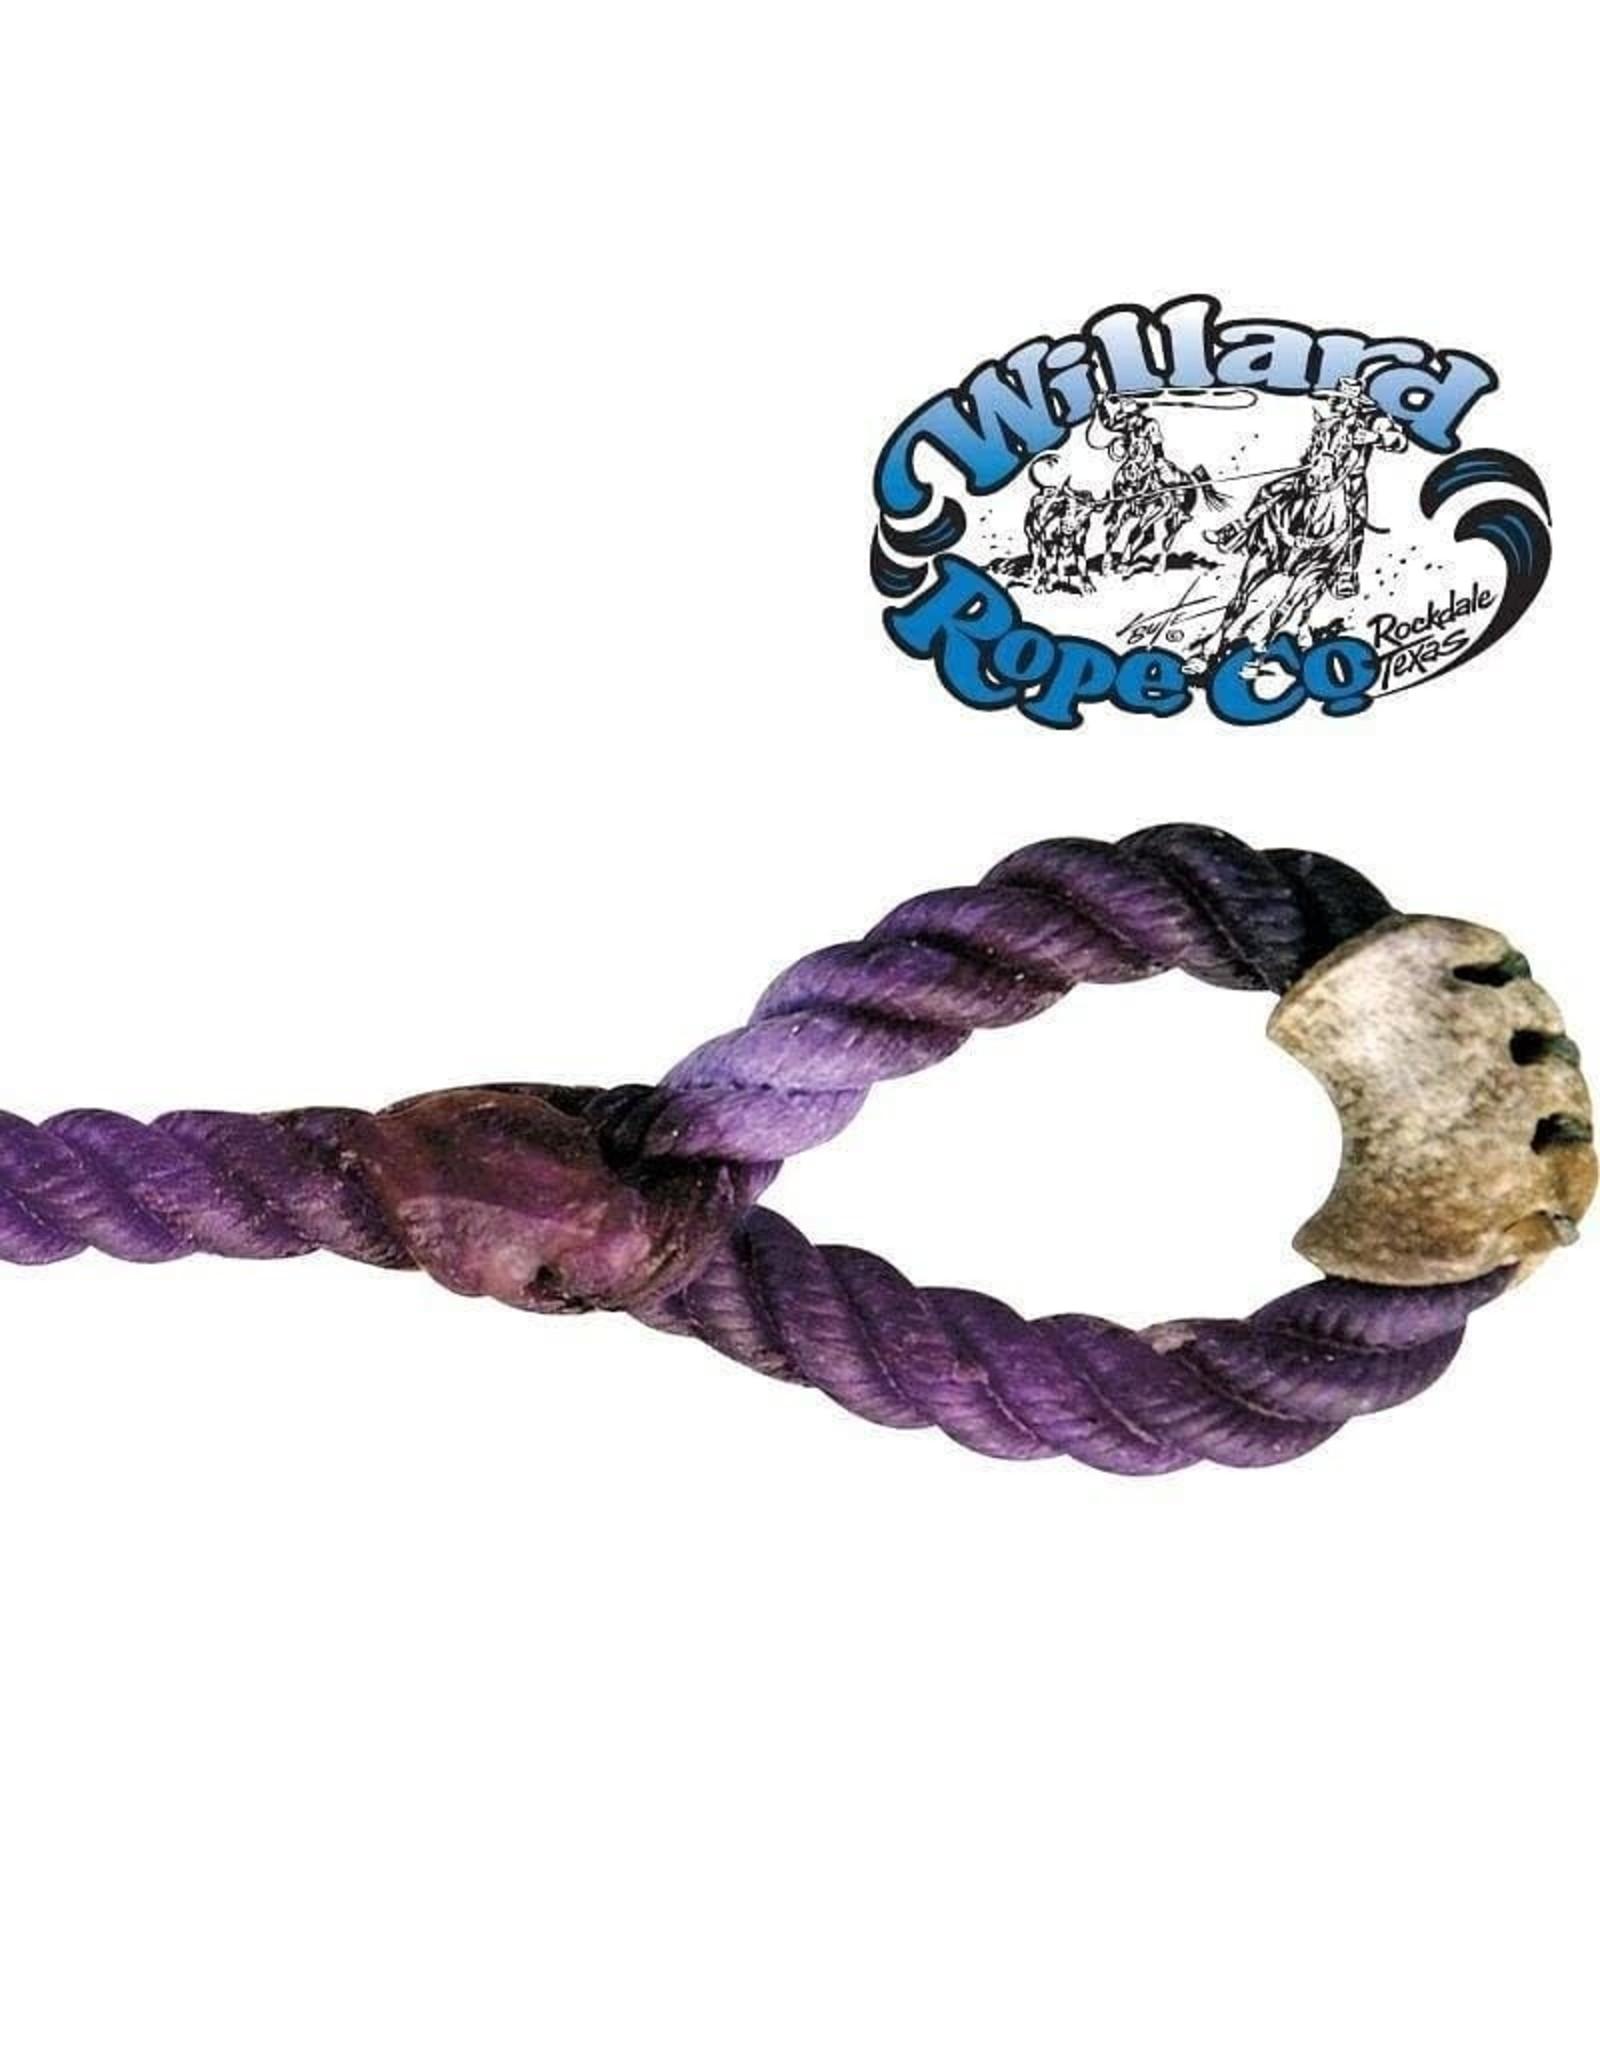 Willard 1/4 SCMNG Willard Black Tail Calf String 1/4 Sc Med Neon Green